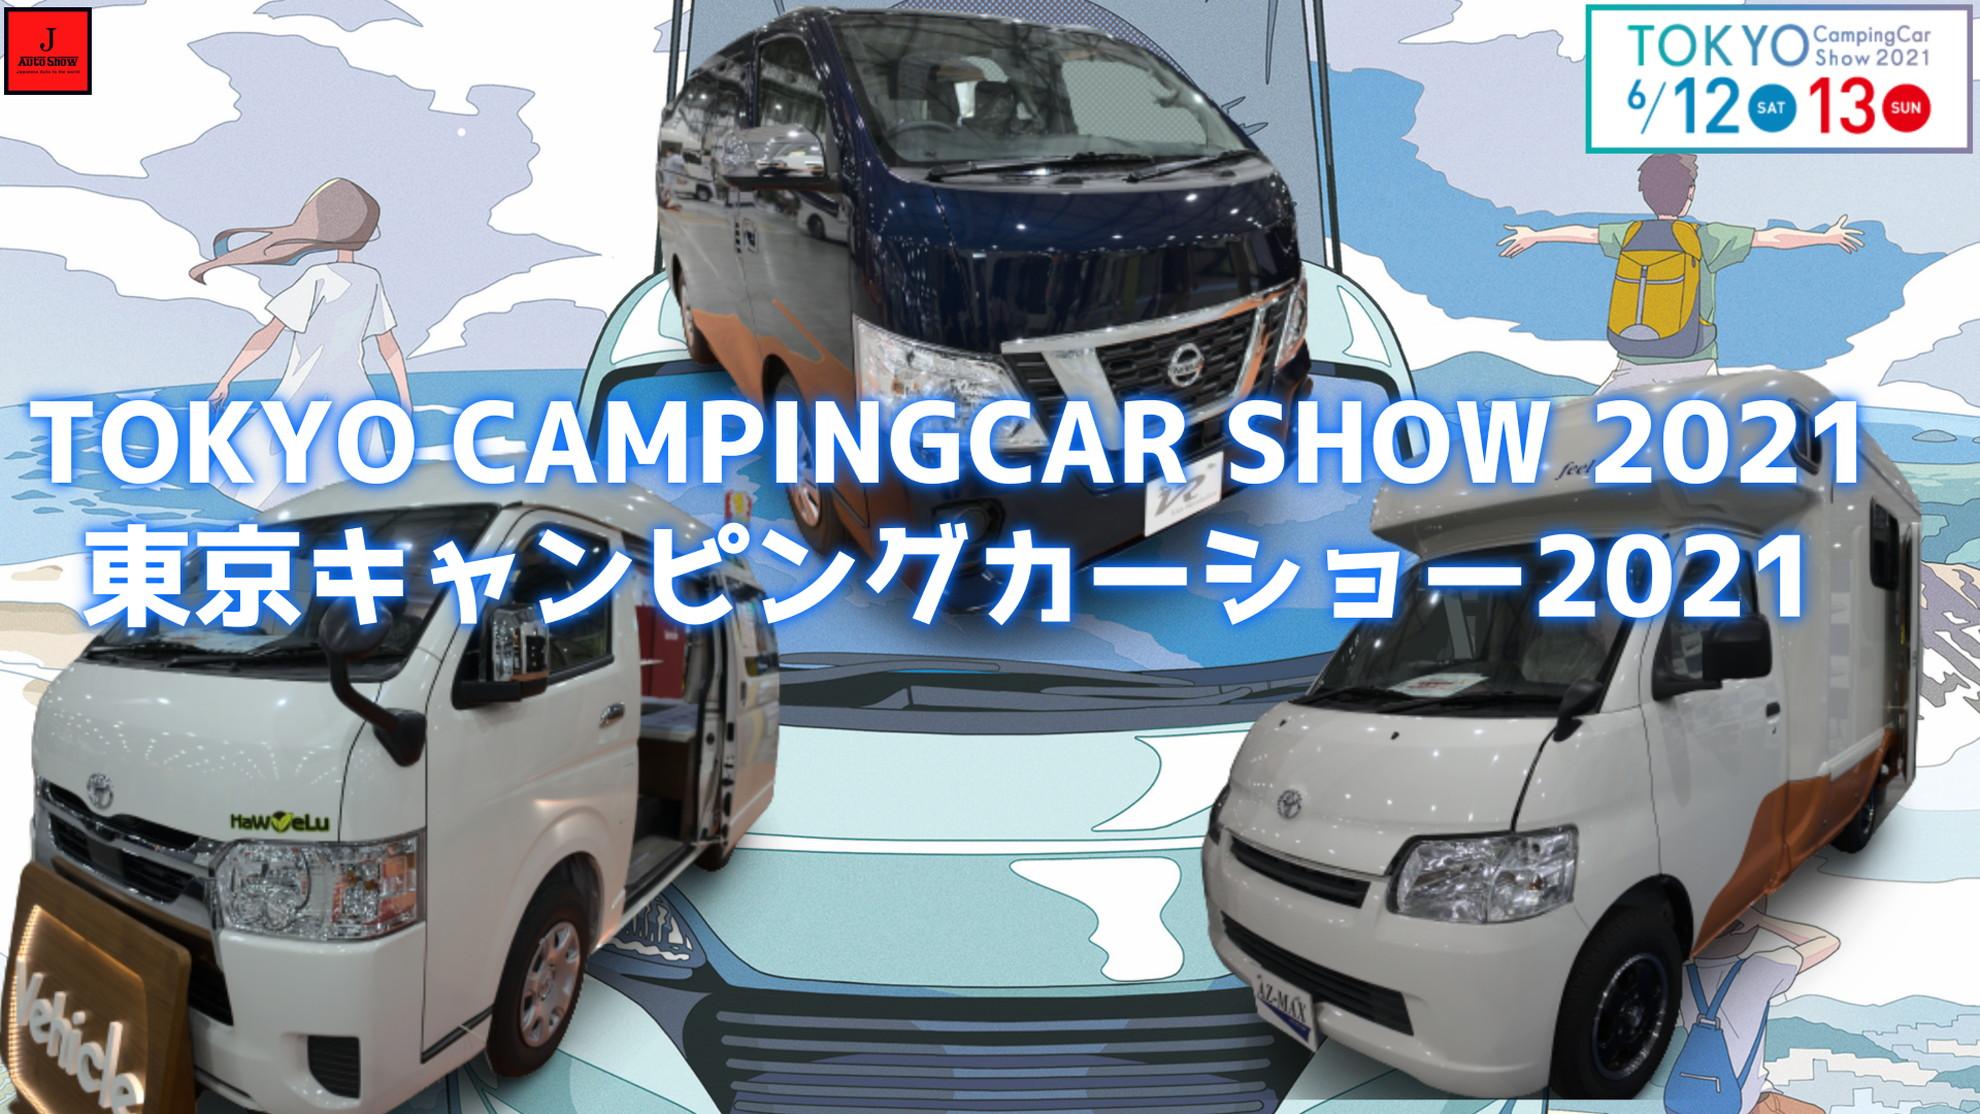 東京キャンピングカーショー2021 プレスレポート